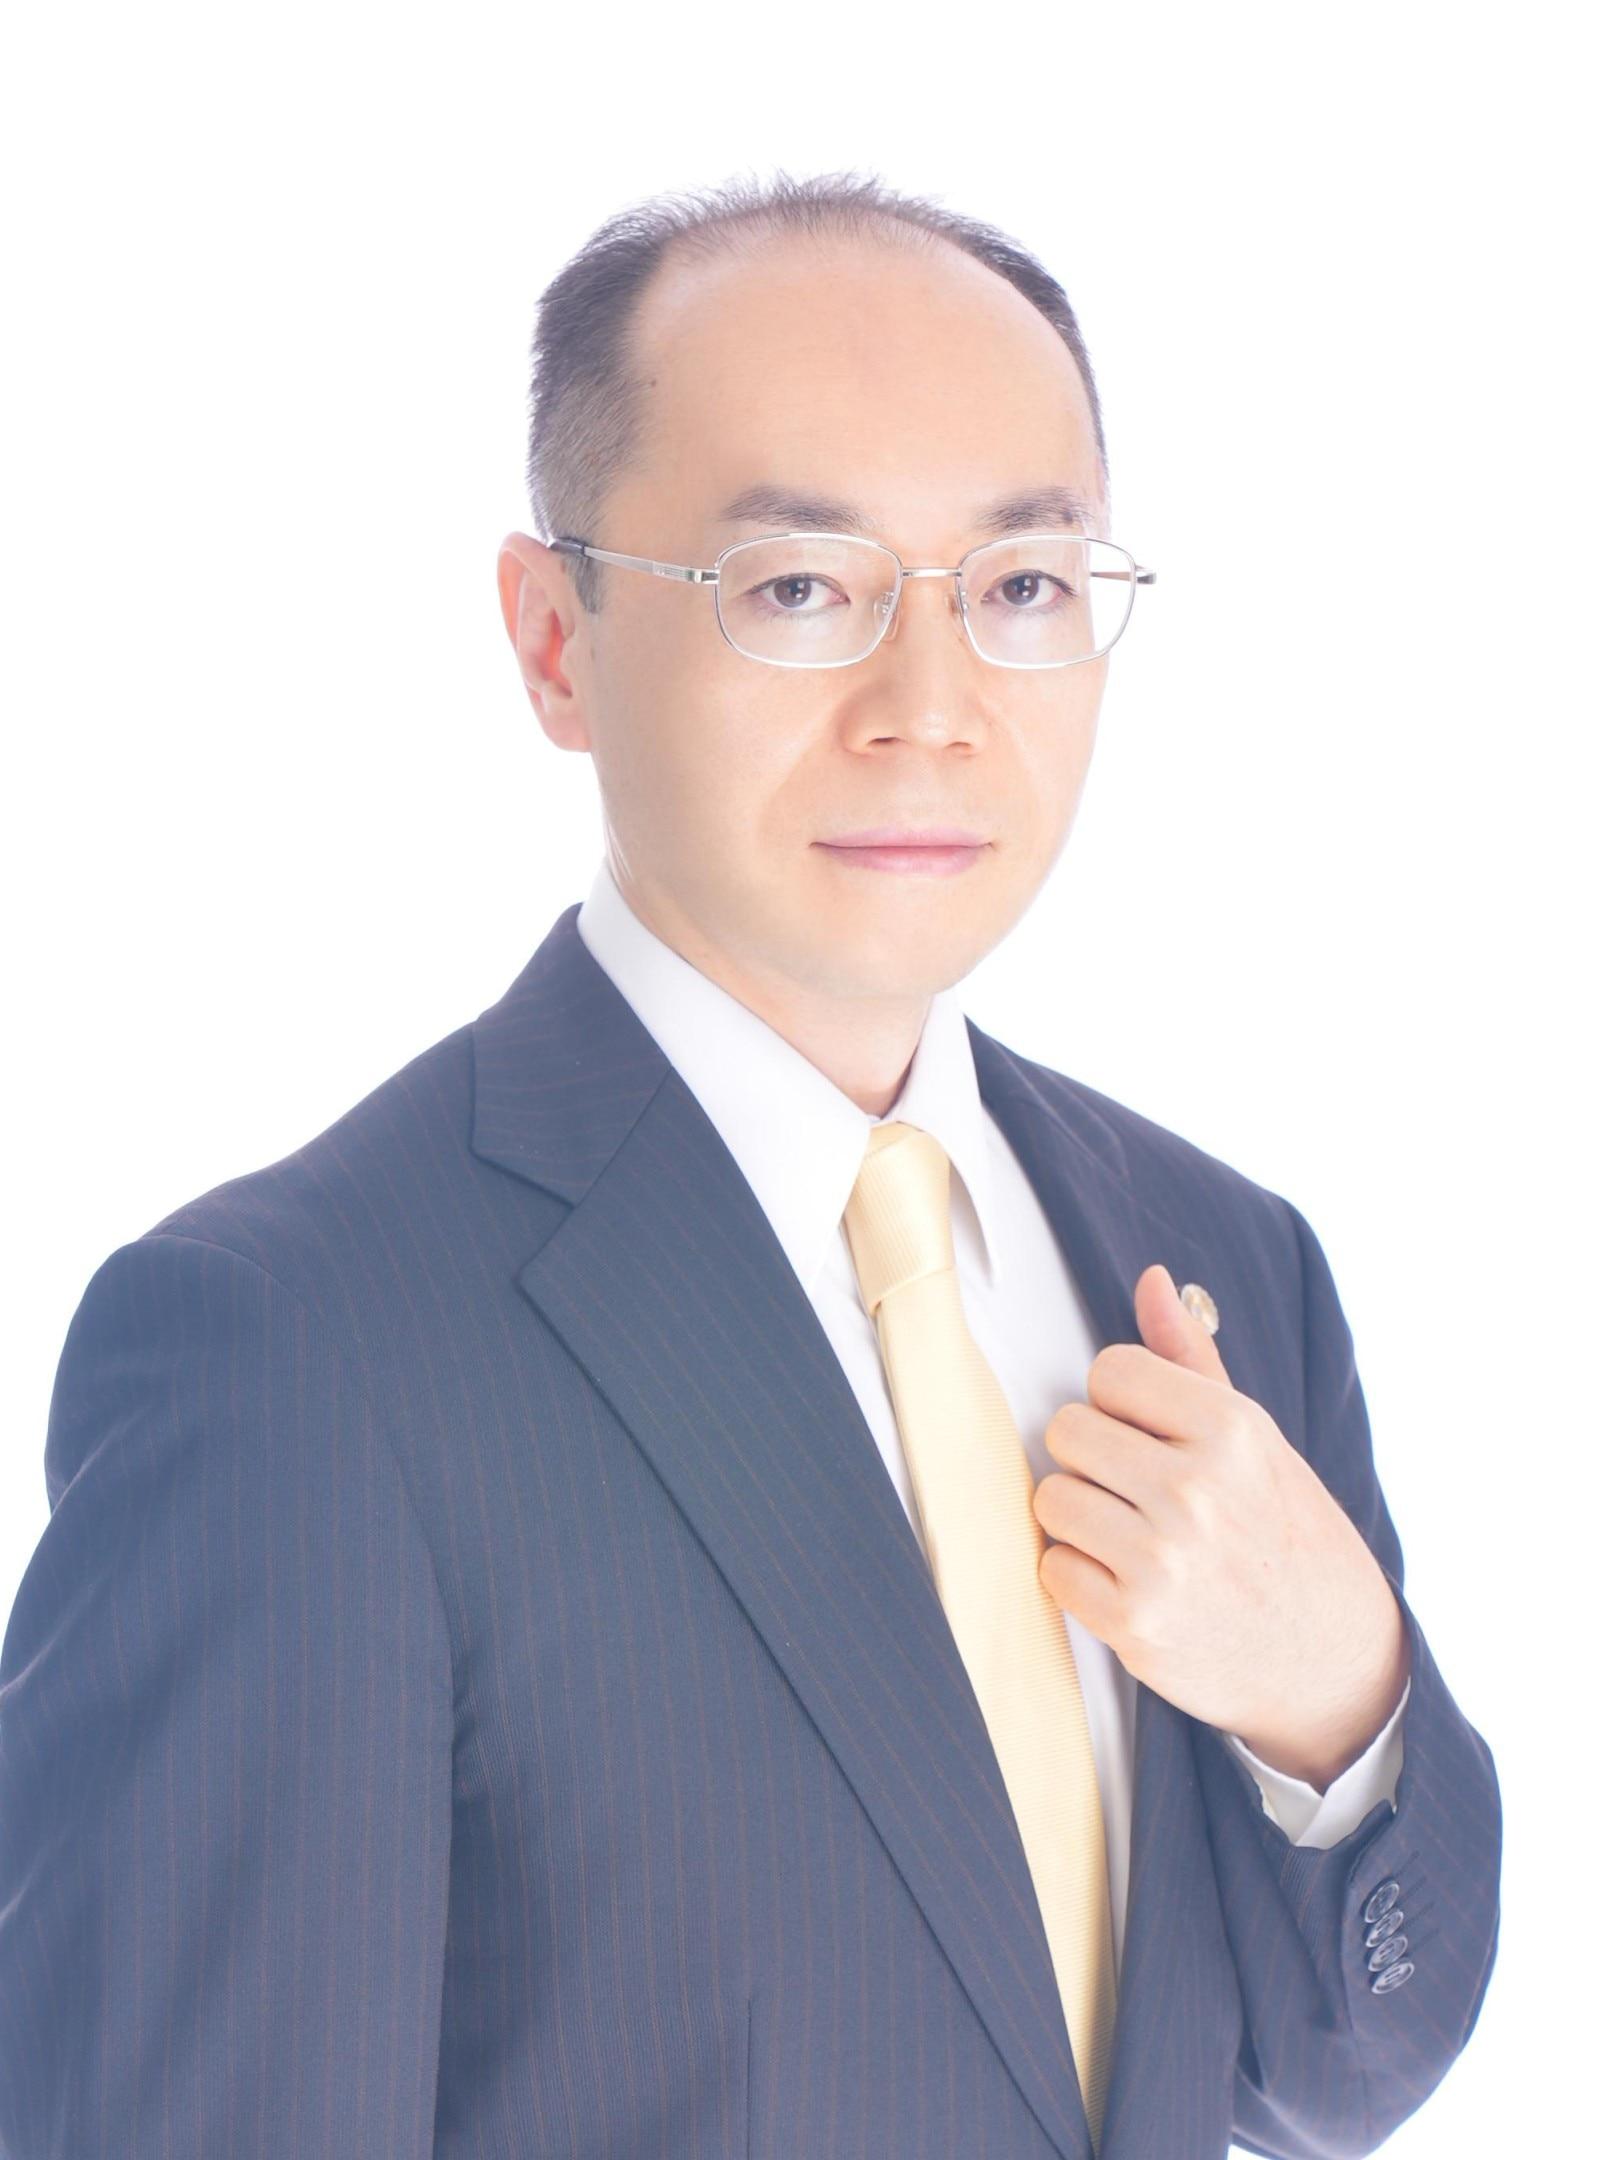 早川 哲弘